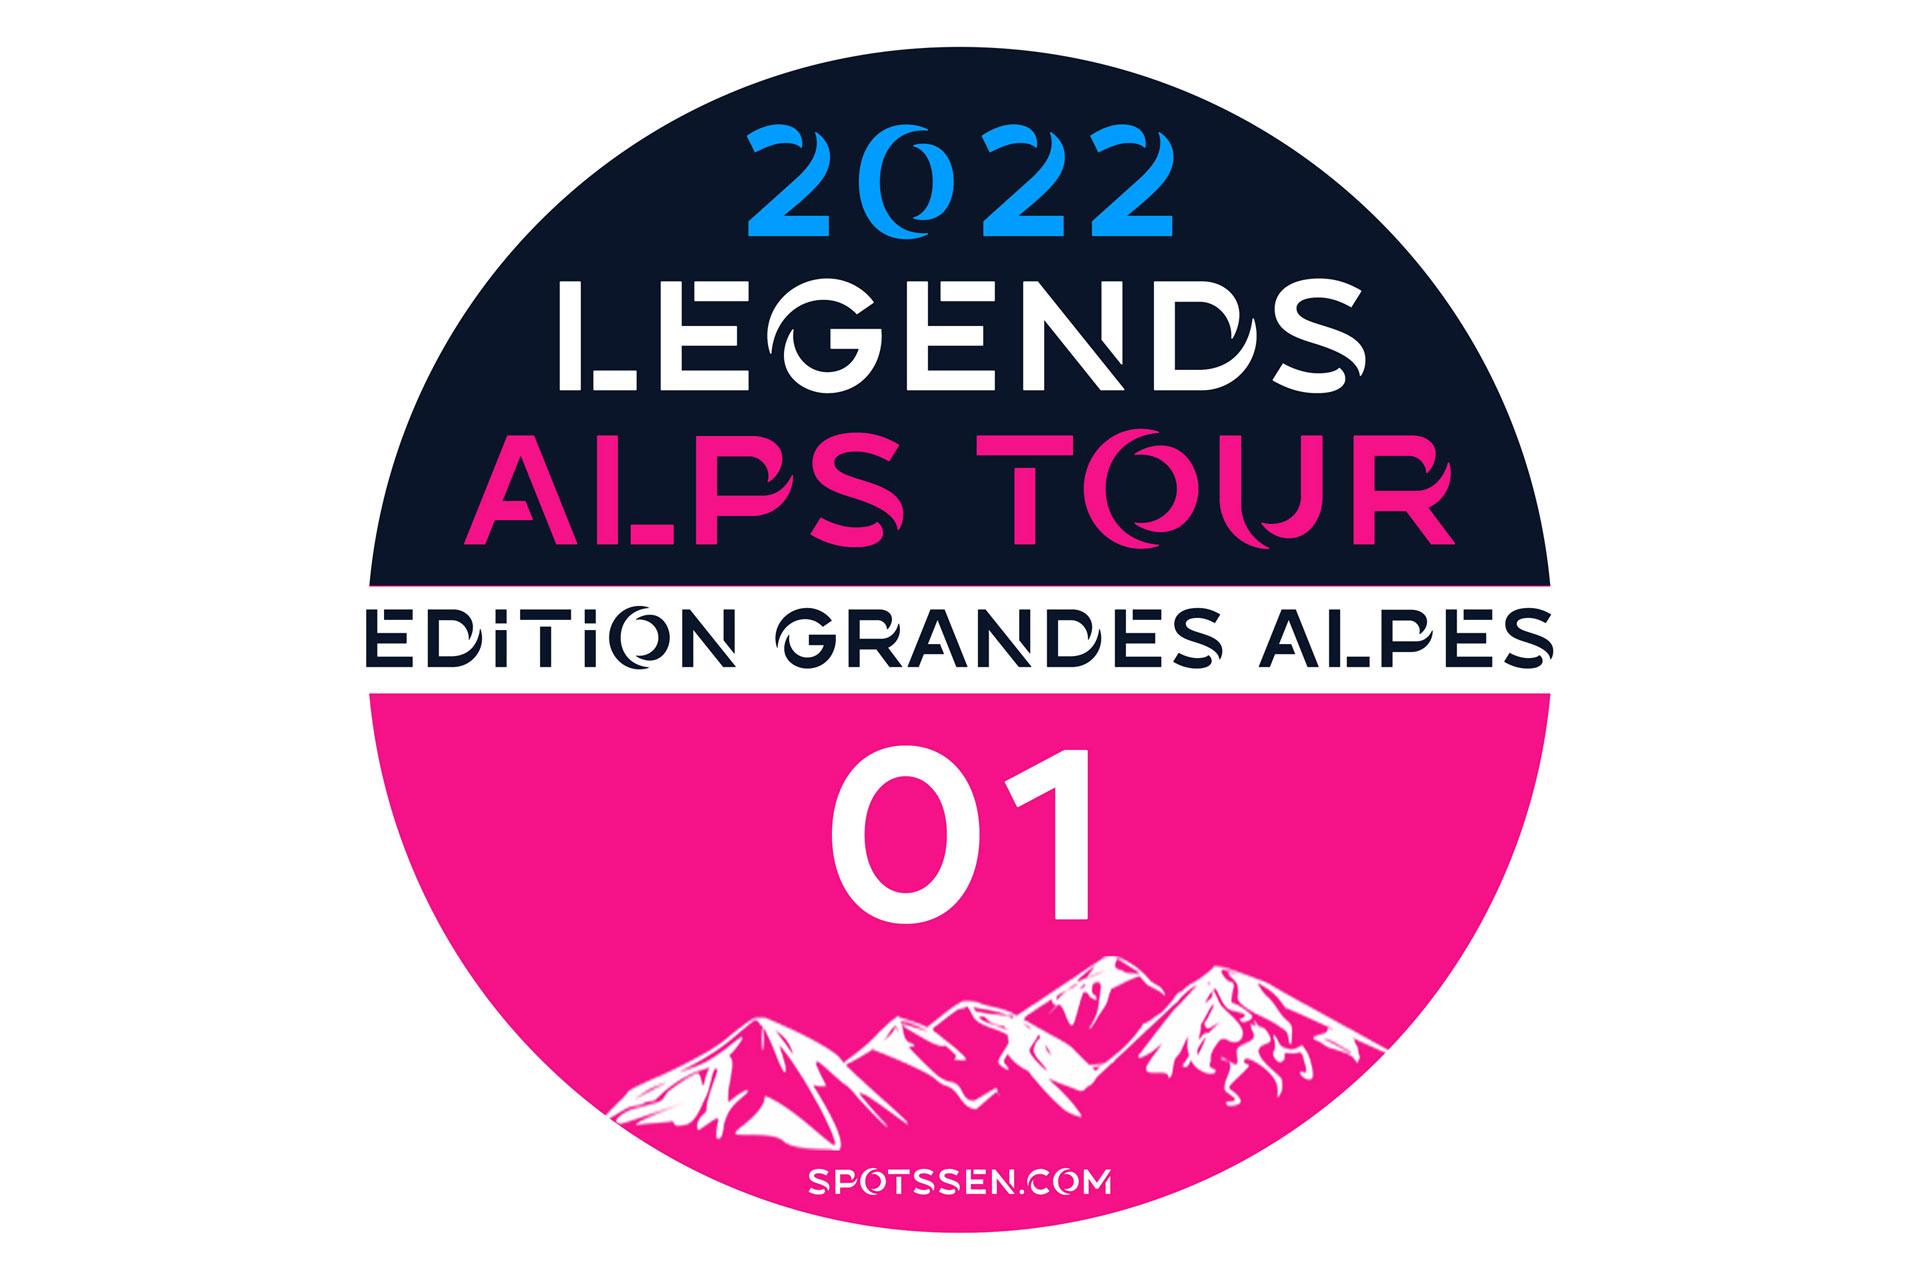 2022, legends alps tour, projet